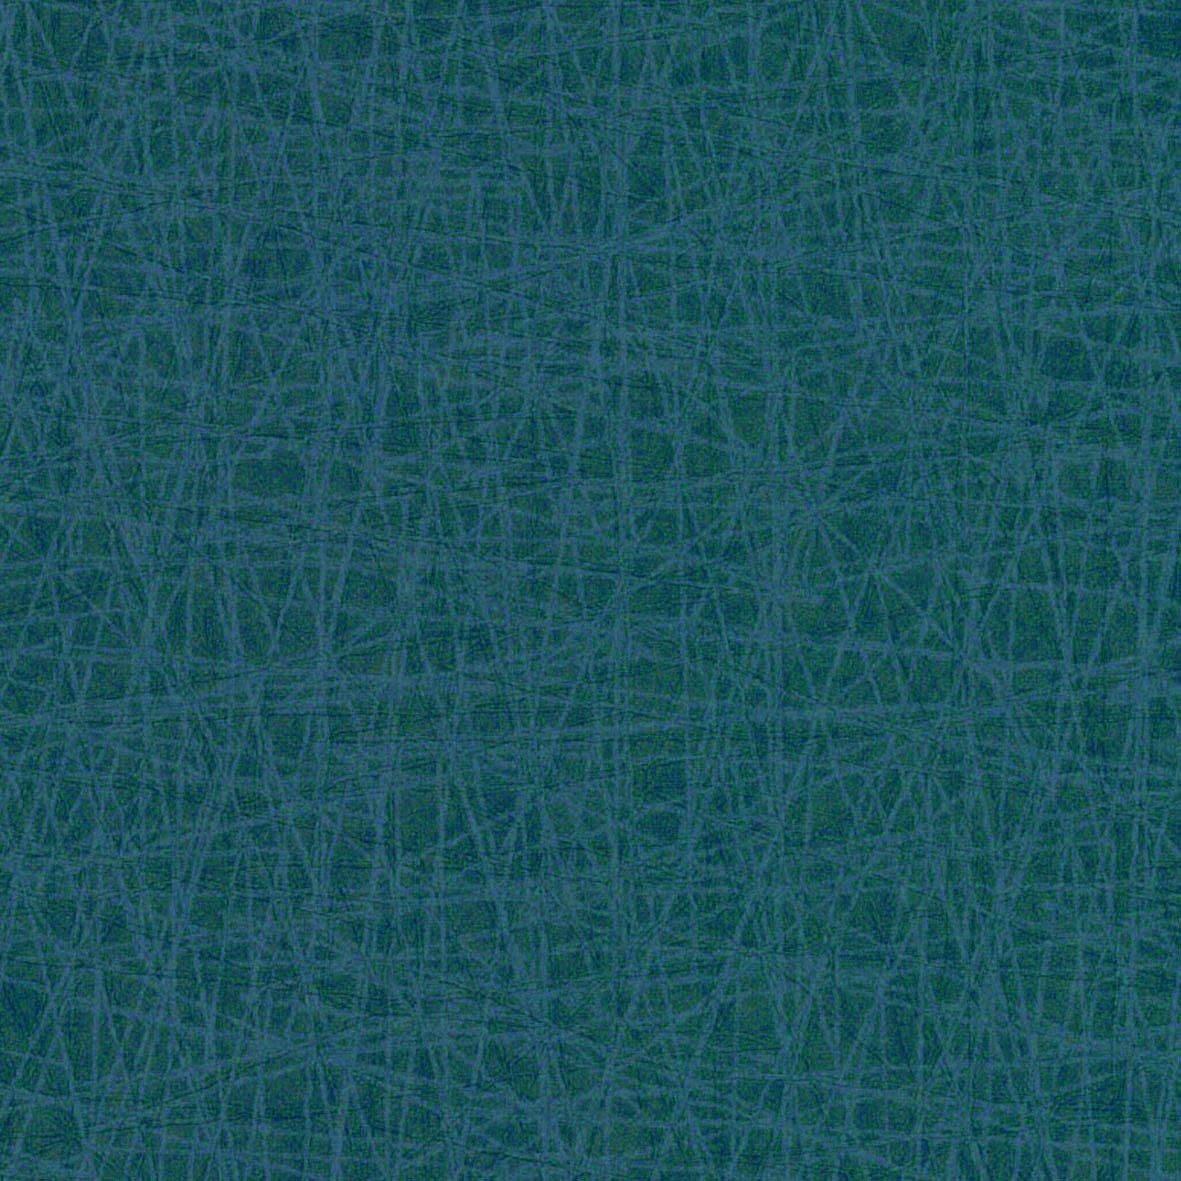 リリカラ 壁紙25m 和 無地 ブルー LL-8586 B01N3P2I86 25m|ブルー